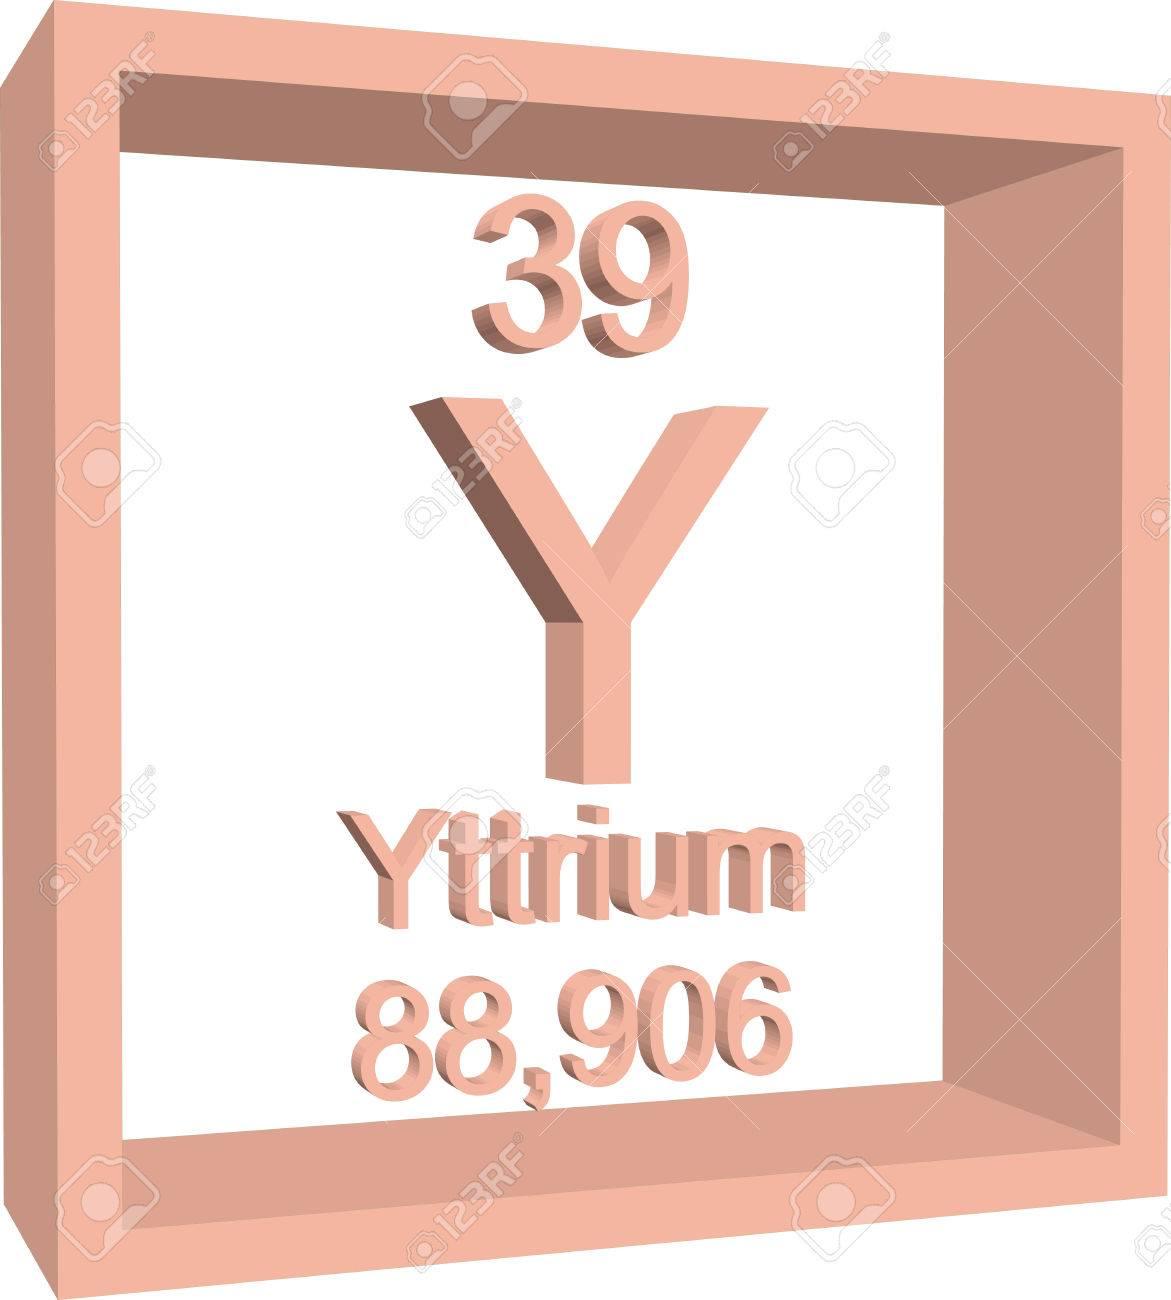 Periodic table yttrium images periodic table images periodic table yttrium gallery periodic table images periodic table yttrium gallery periodic table images periodic table gamestrikefo Gallery